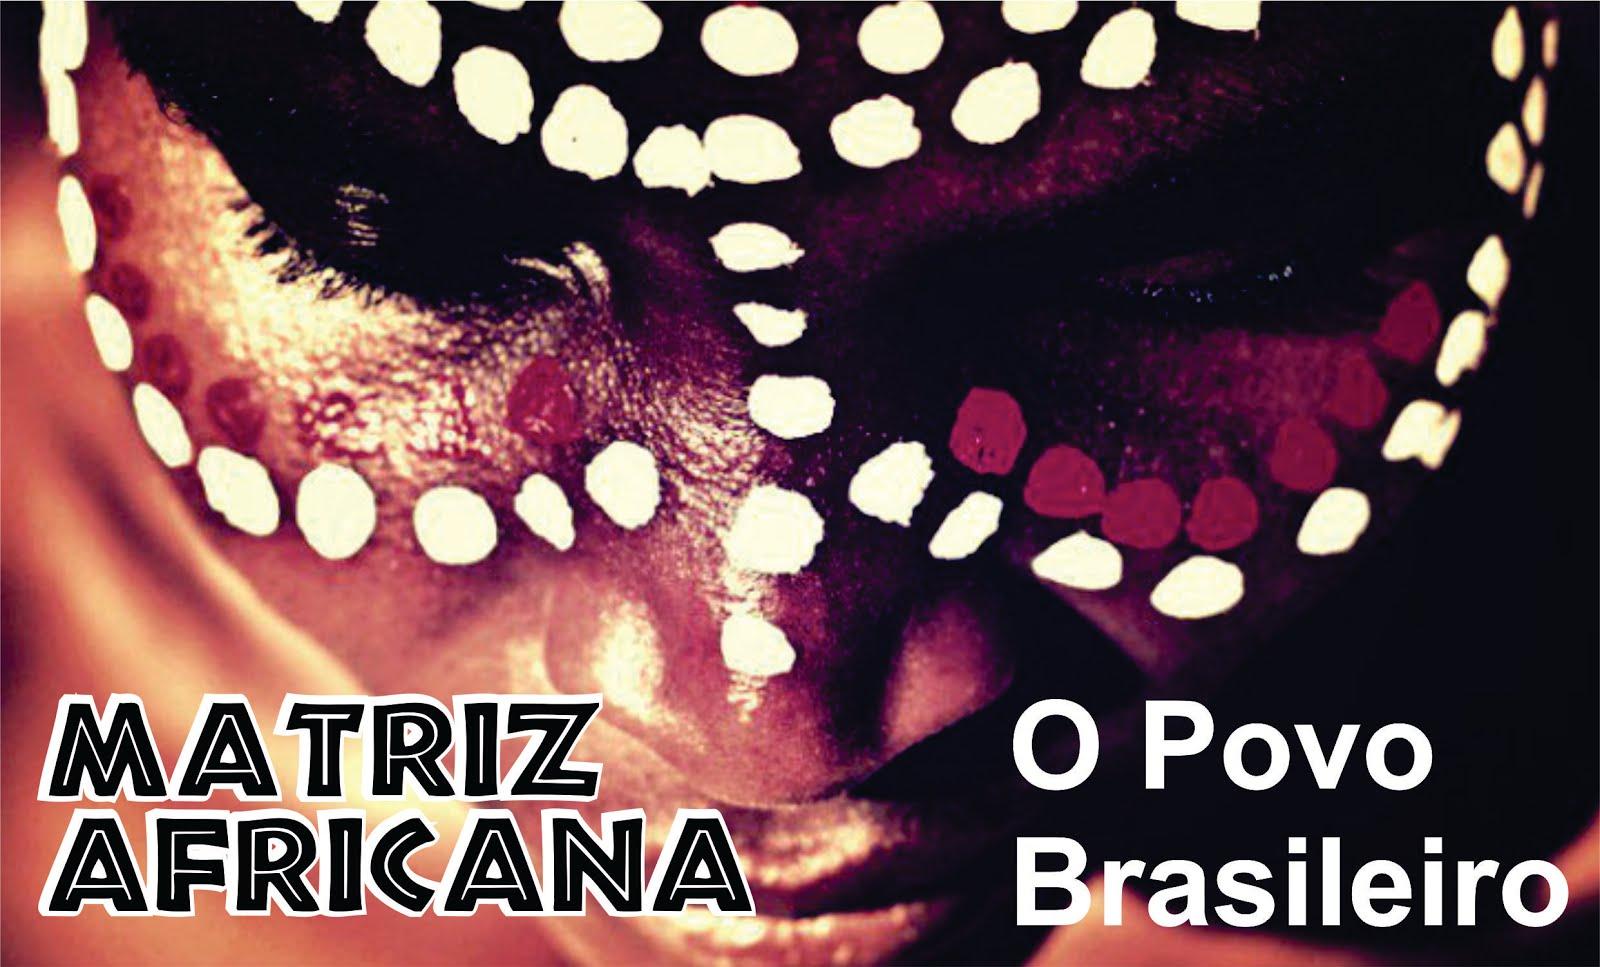 O POVO BRASILEIRO - MATRIZ AFRO